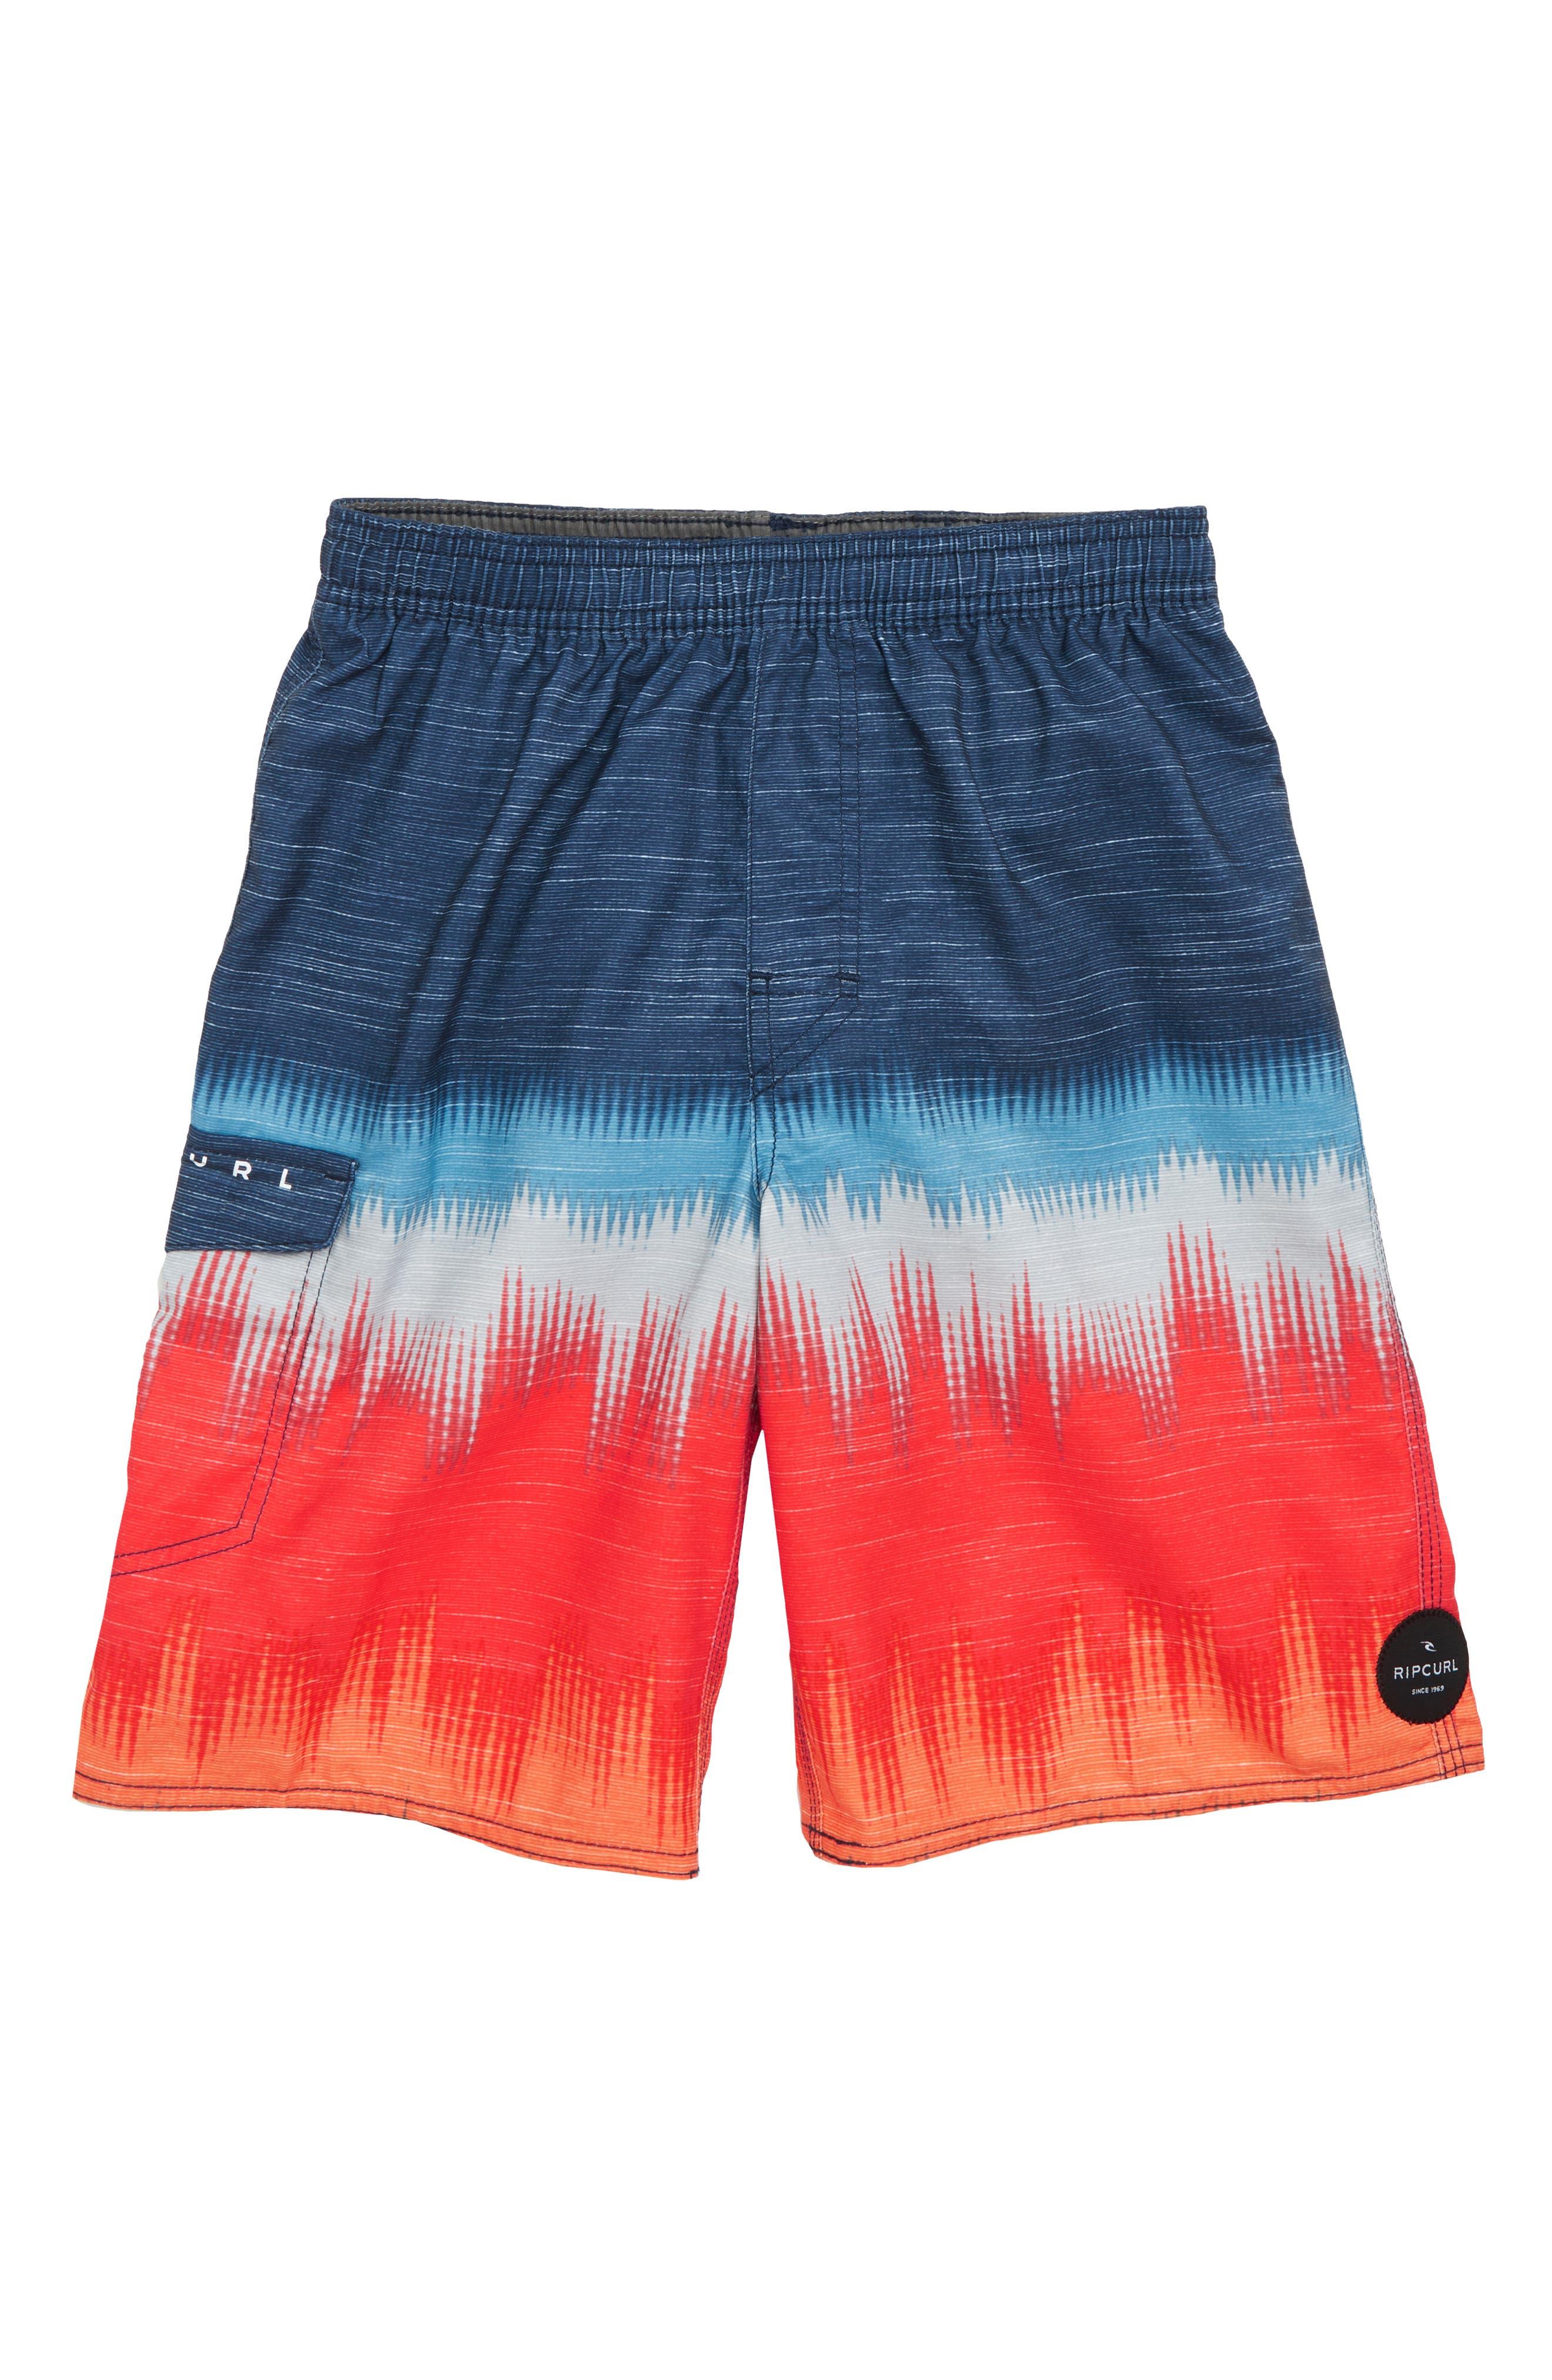 Shallows Volley Shorts,                         Main,                         color, 600